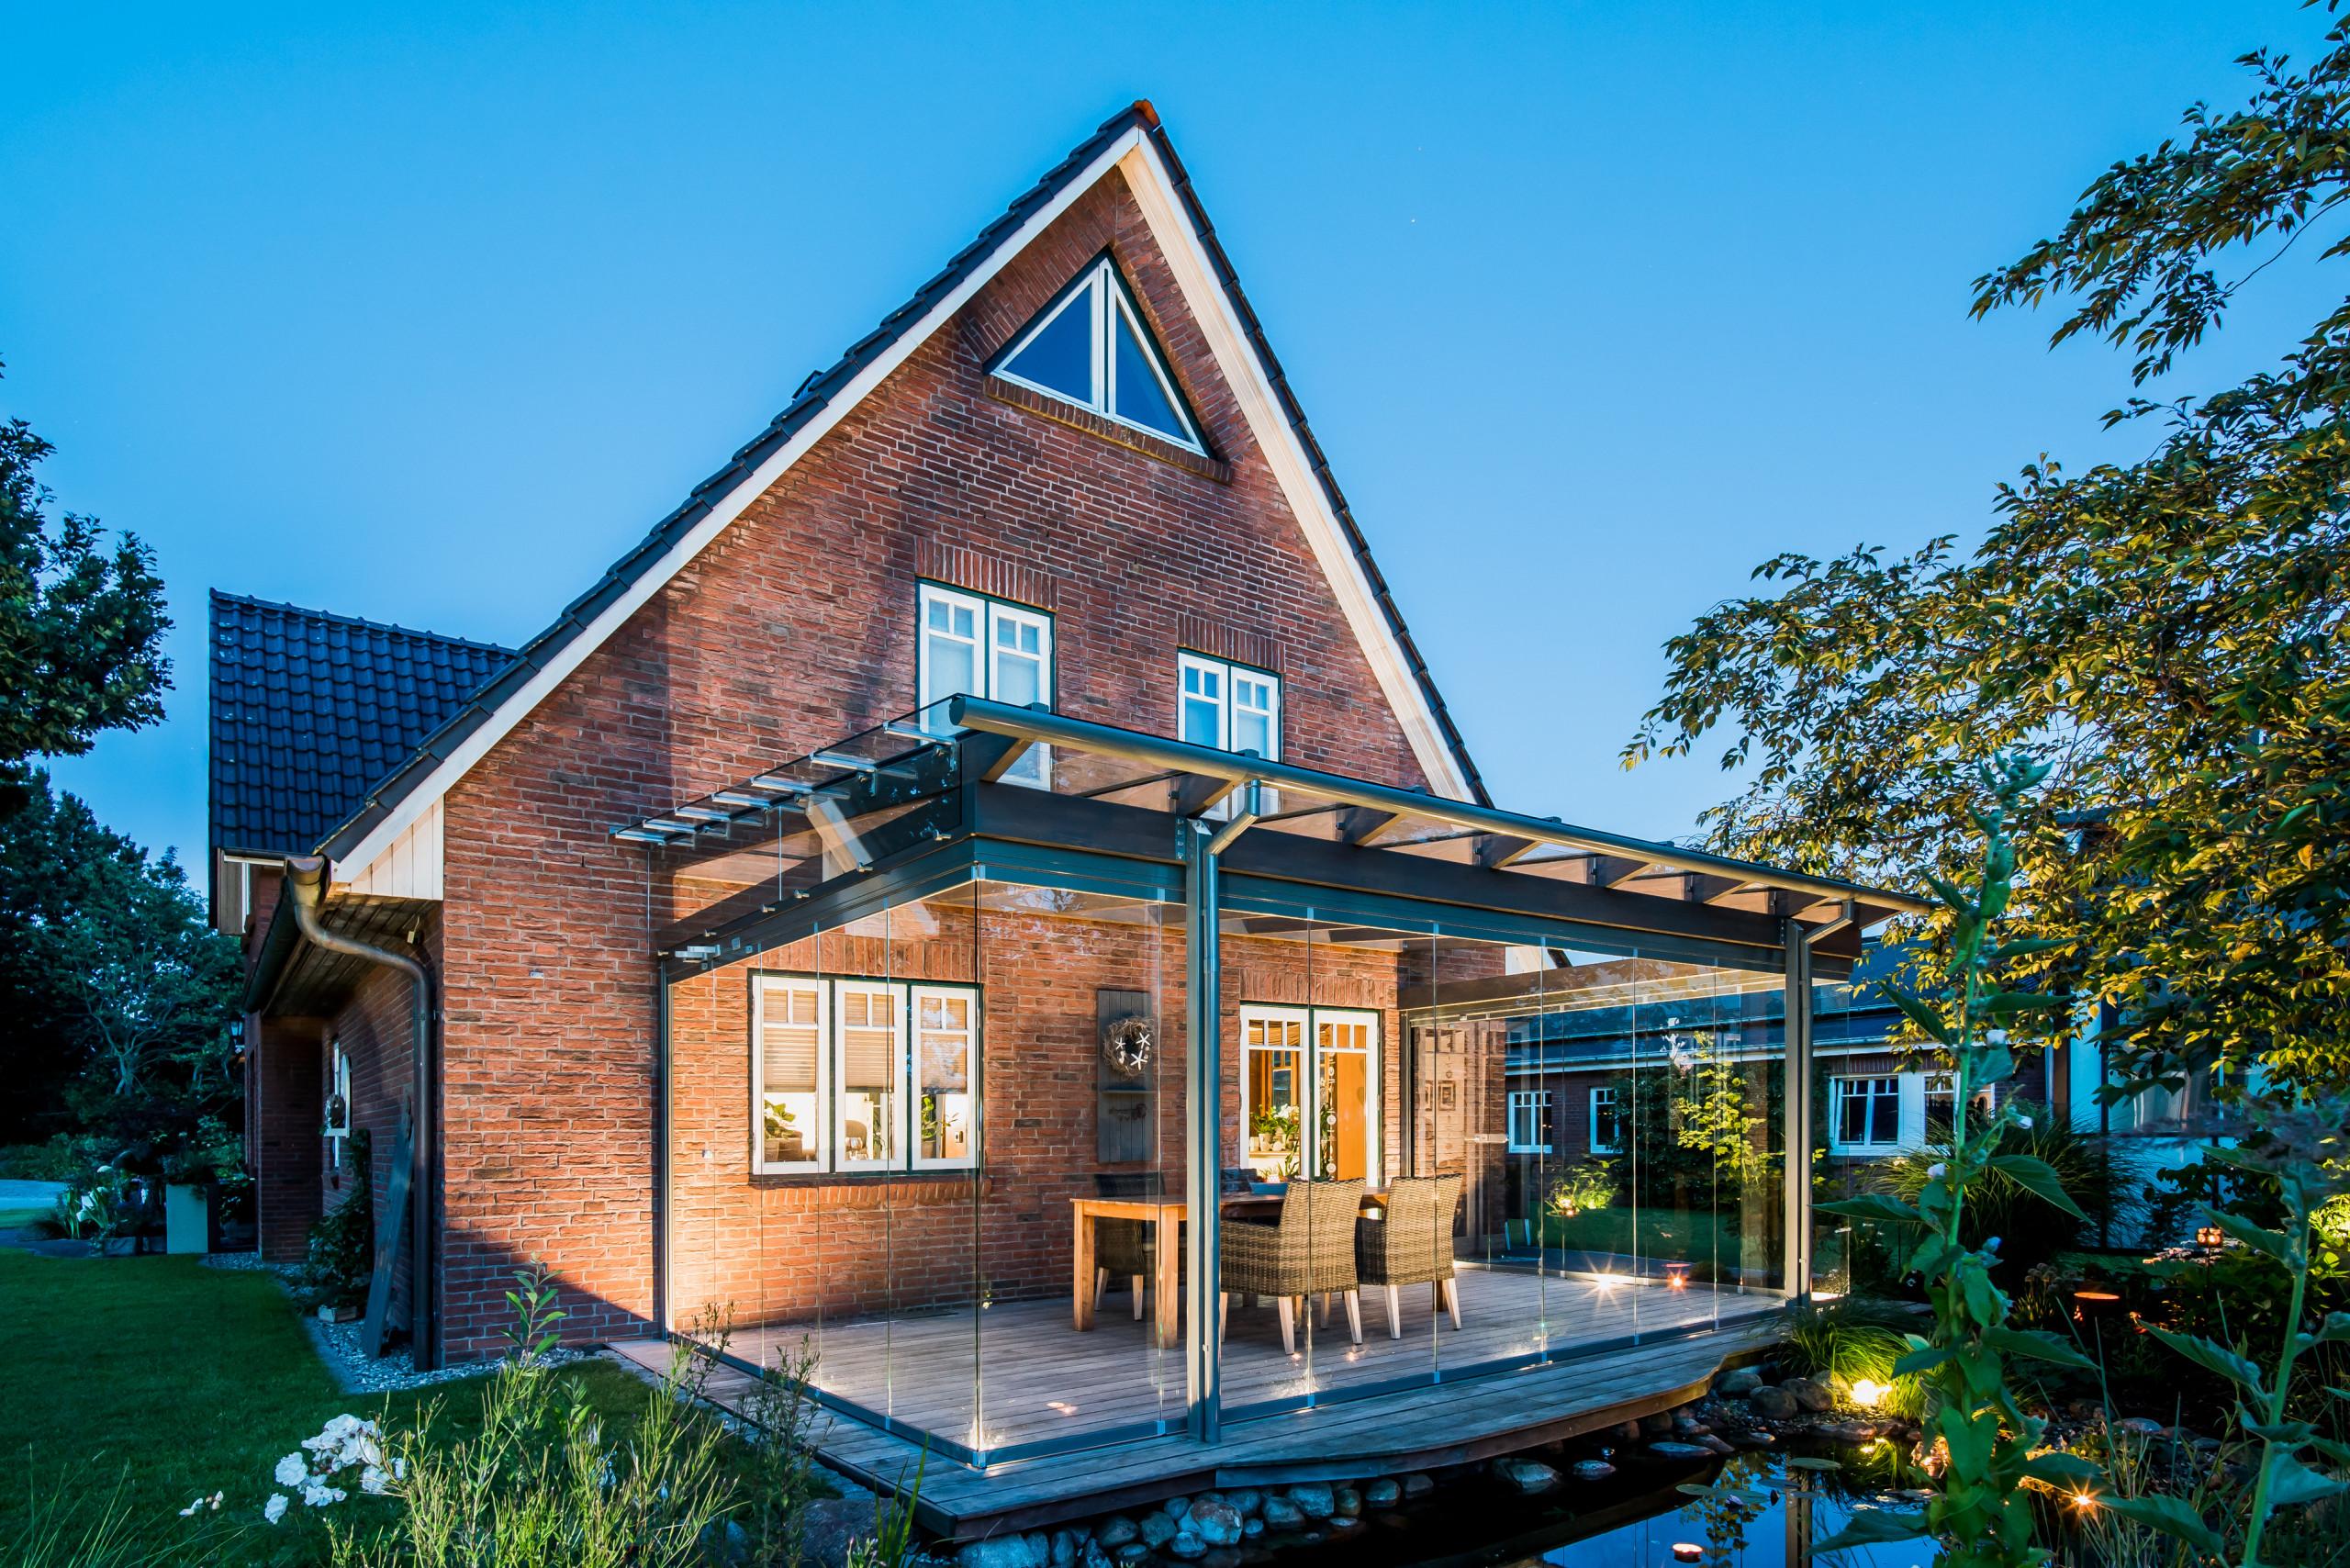 Terrassendach - Glashaus an einer klassischen Klinkerfassade